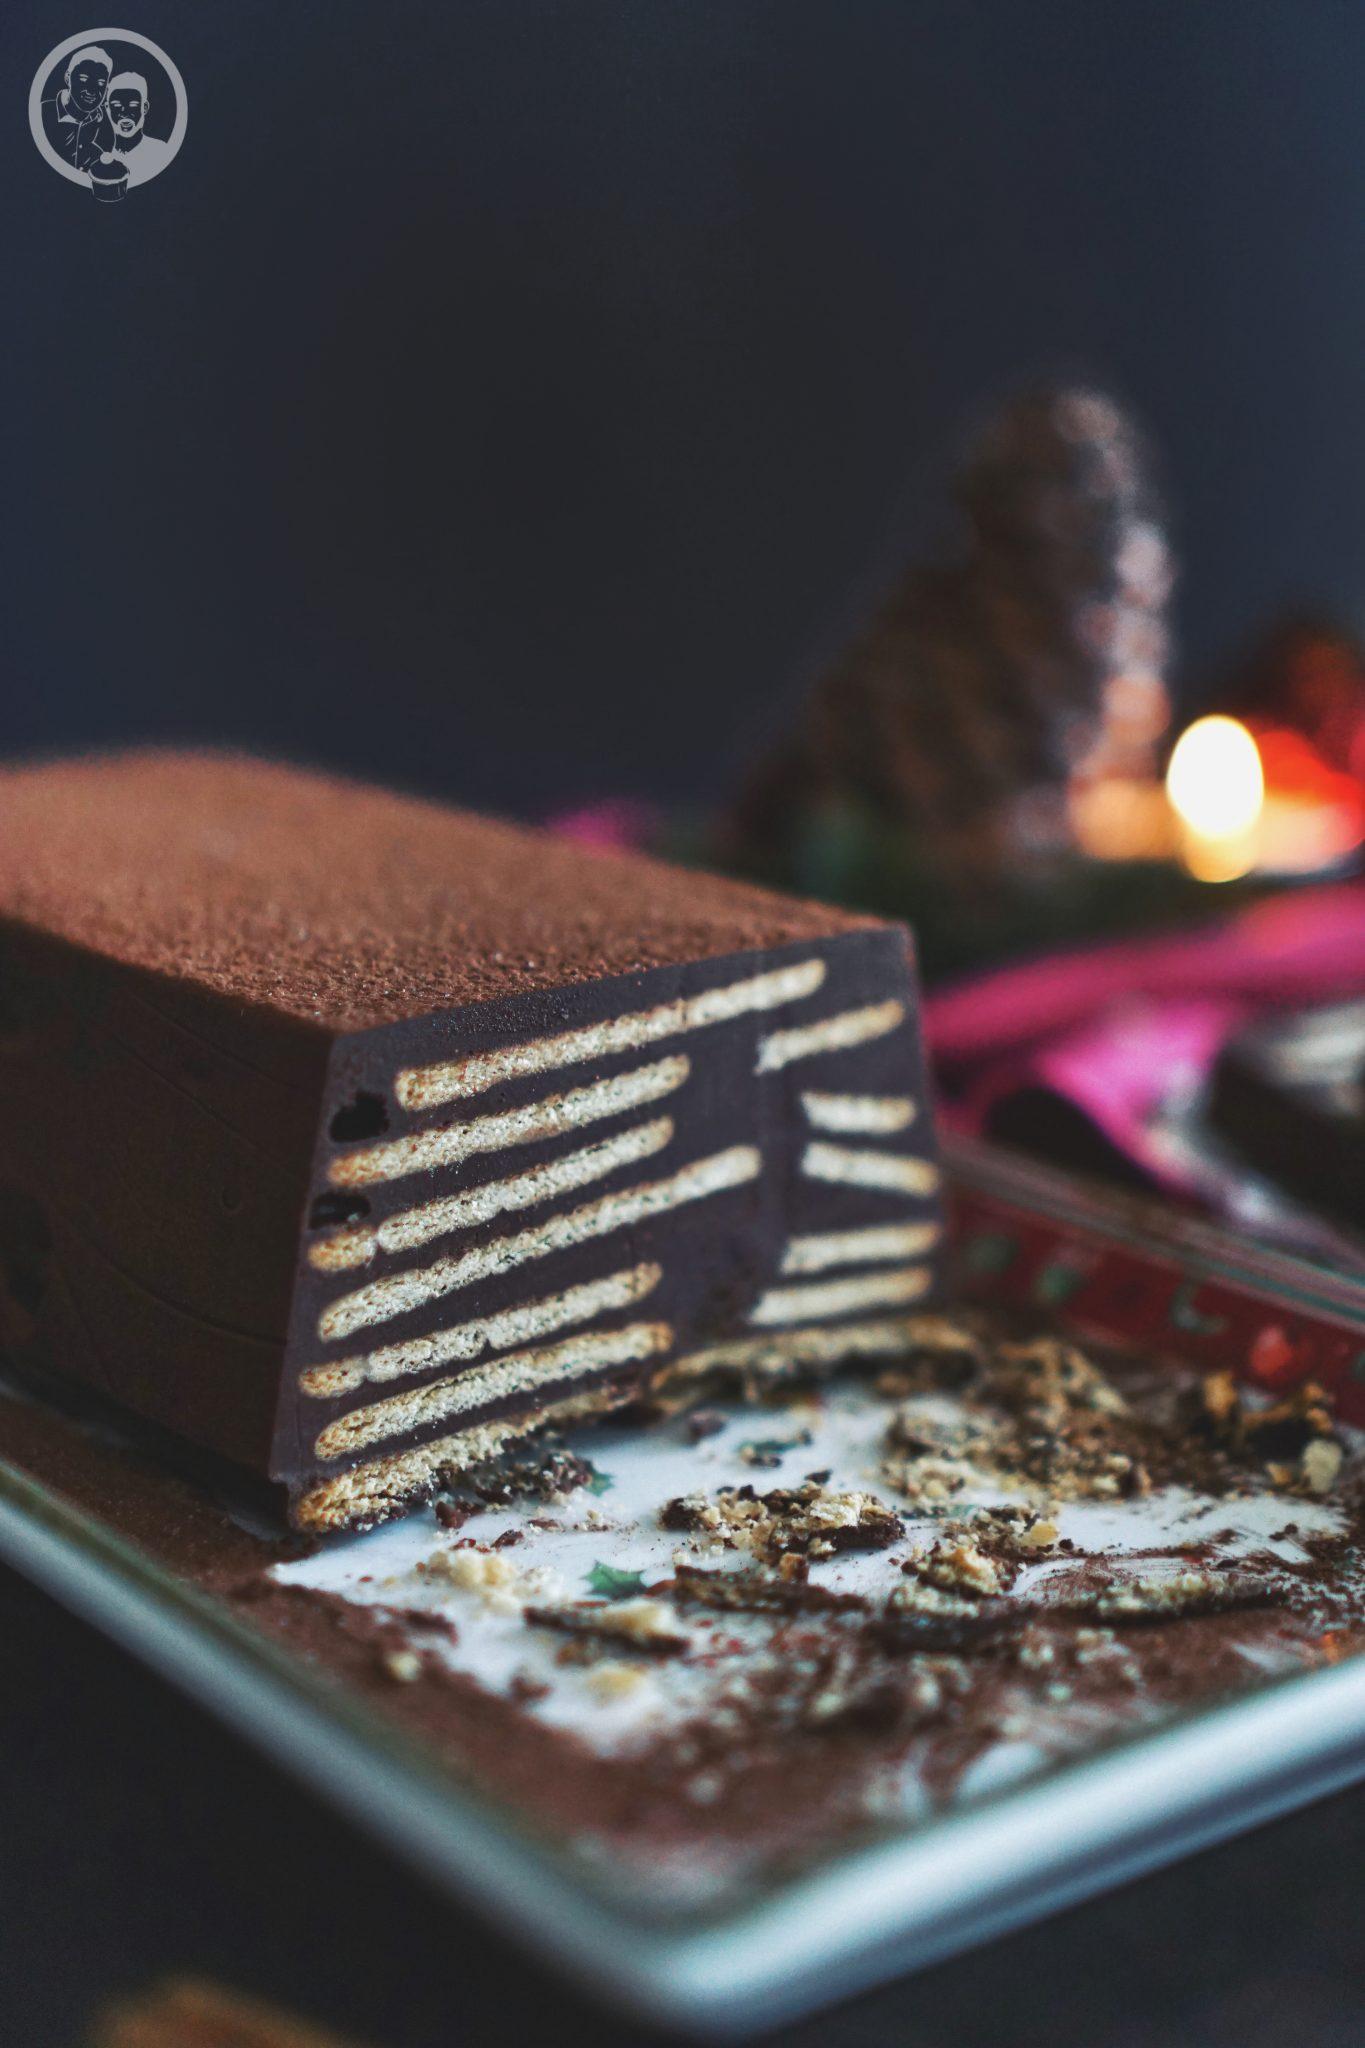 Kalter Adventshund ohne Palmfett 5 | Diesen Sonntag fängt nun wirklich die Adventszeit an. War es doch so, dass wir gefühlt vor einigen Wochen, noch in kurzer Hose herumlaufen konnten und nun soll es echt fast schon Weihnachten sein ... aber so ist das nun mal. Daher gibt es heute schon einen weihnachtlichen Kuchen ... Kalter Adventshund haben wir ihn genannt.